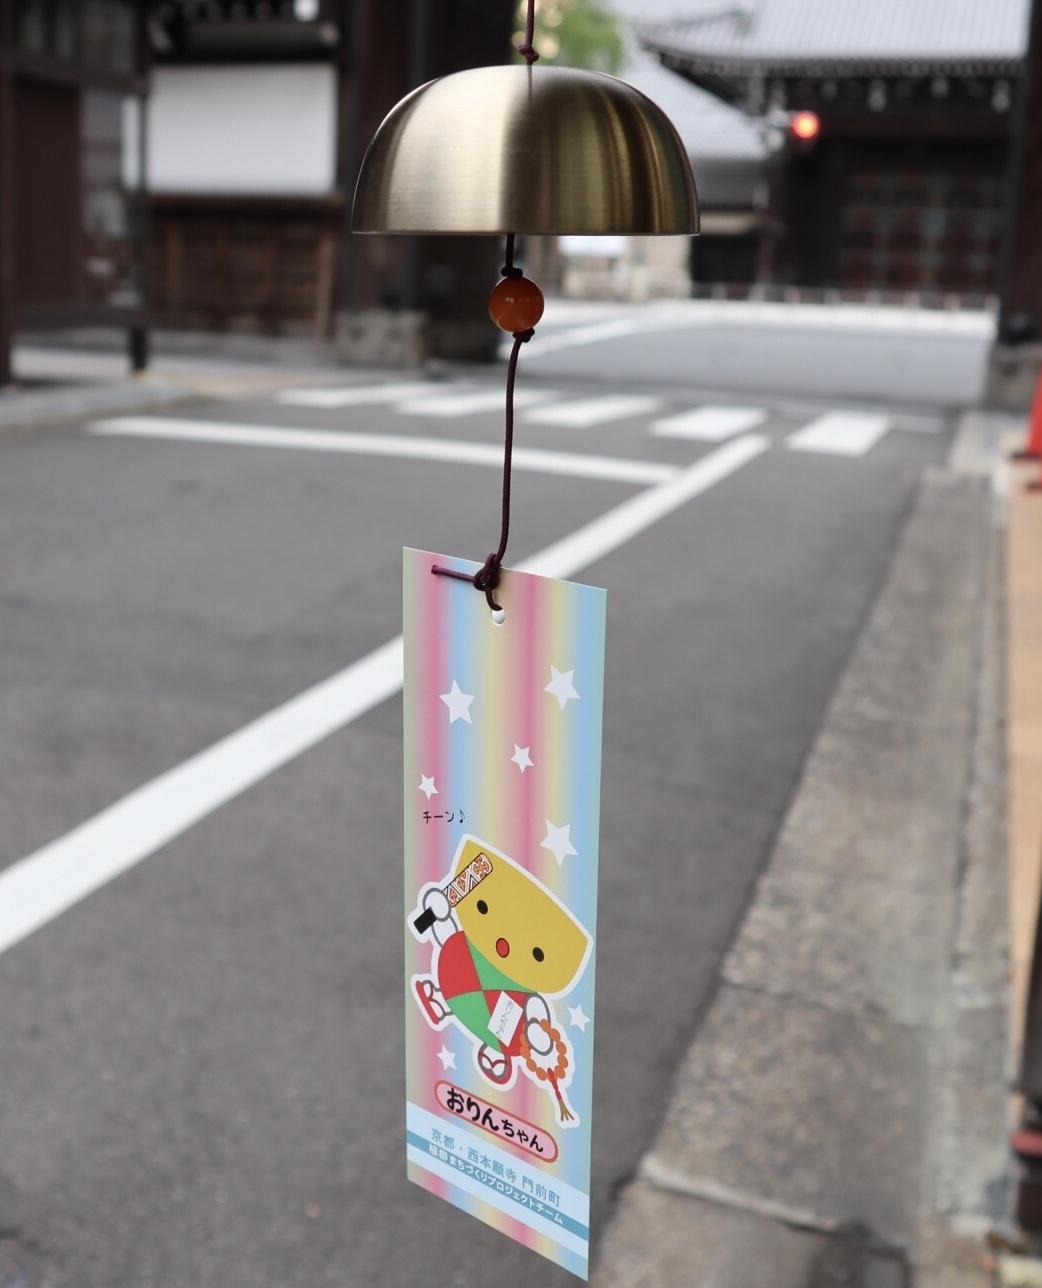 おりんde風鈴(Wind Bell)